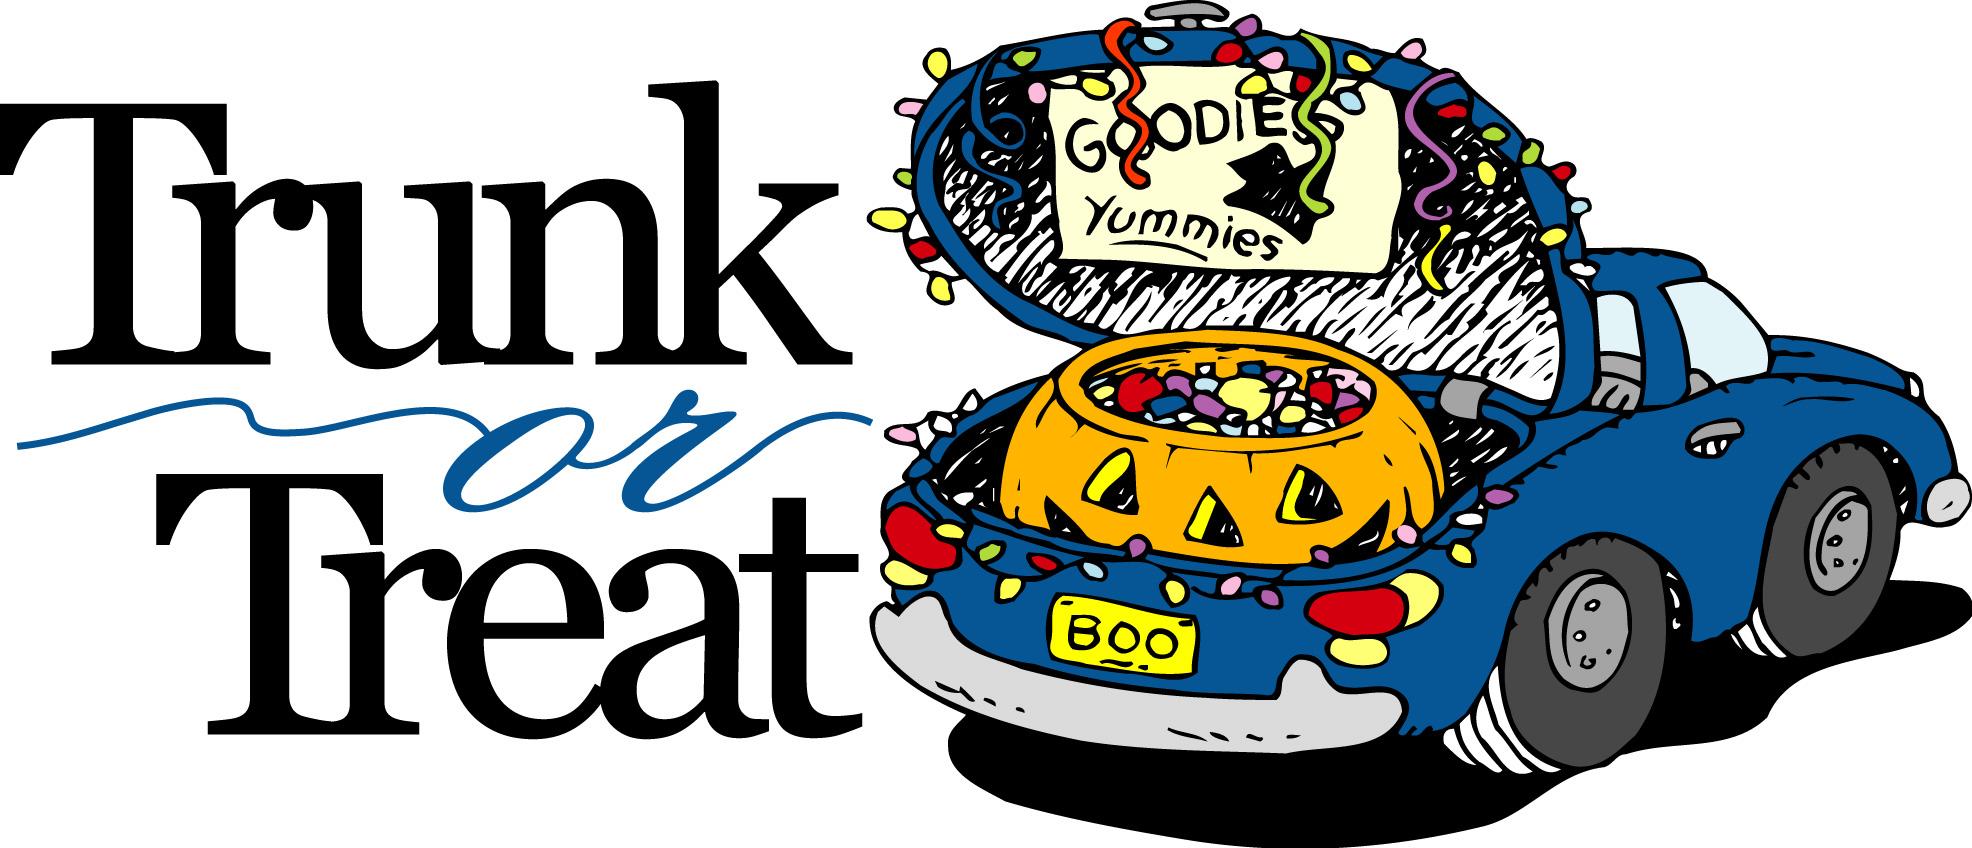 trunk or treat clip art clipart panda free clipart images rh clipartpanda com free october clip art for teachers free october clipart borders